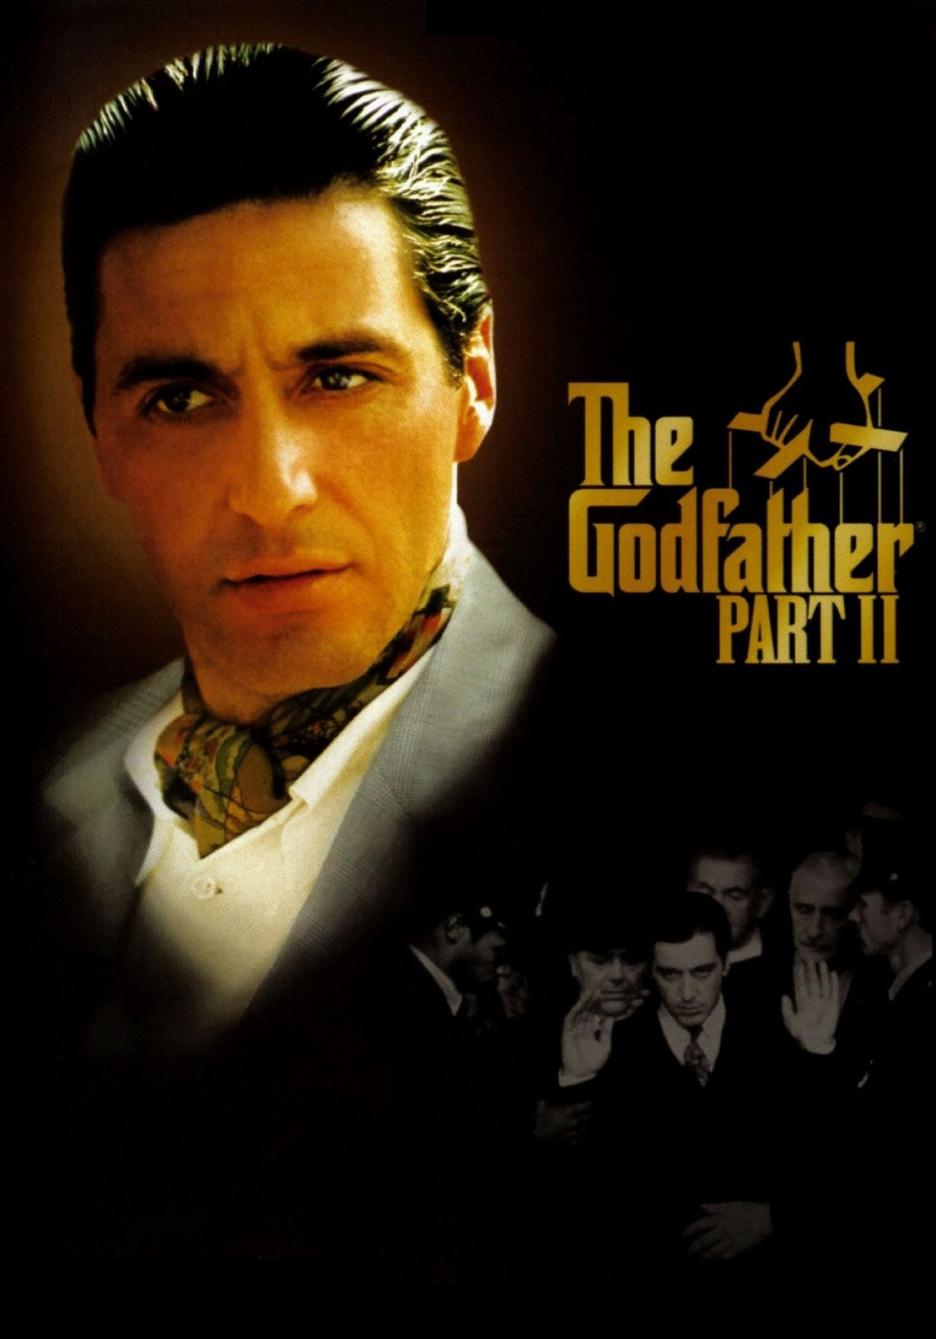 Bố già 2 - The godfather (1974)